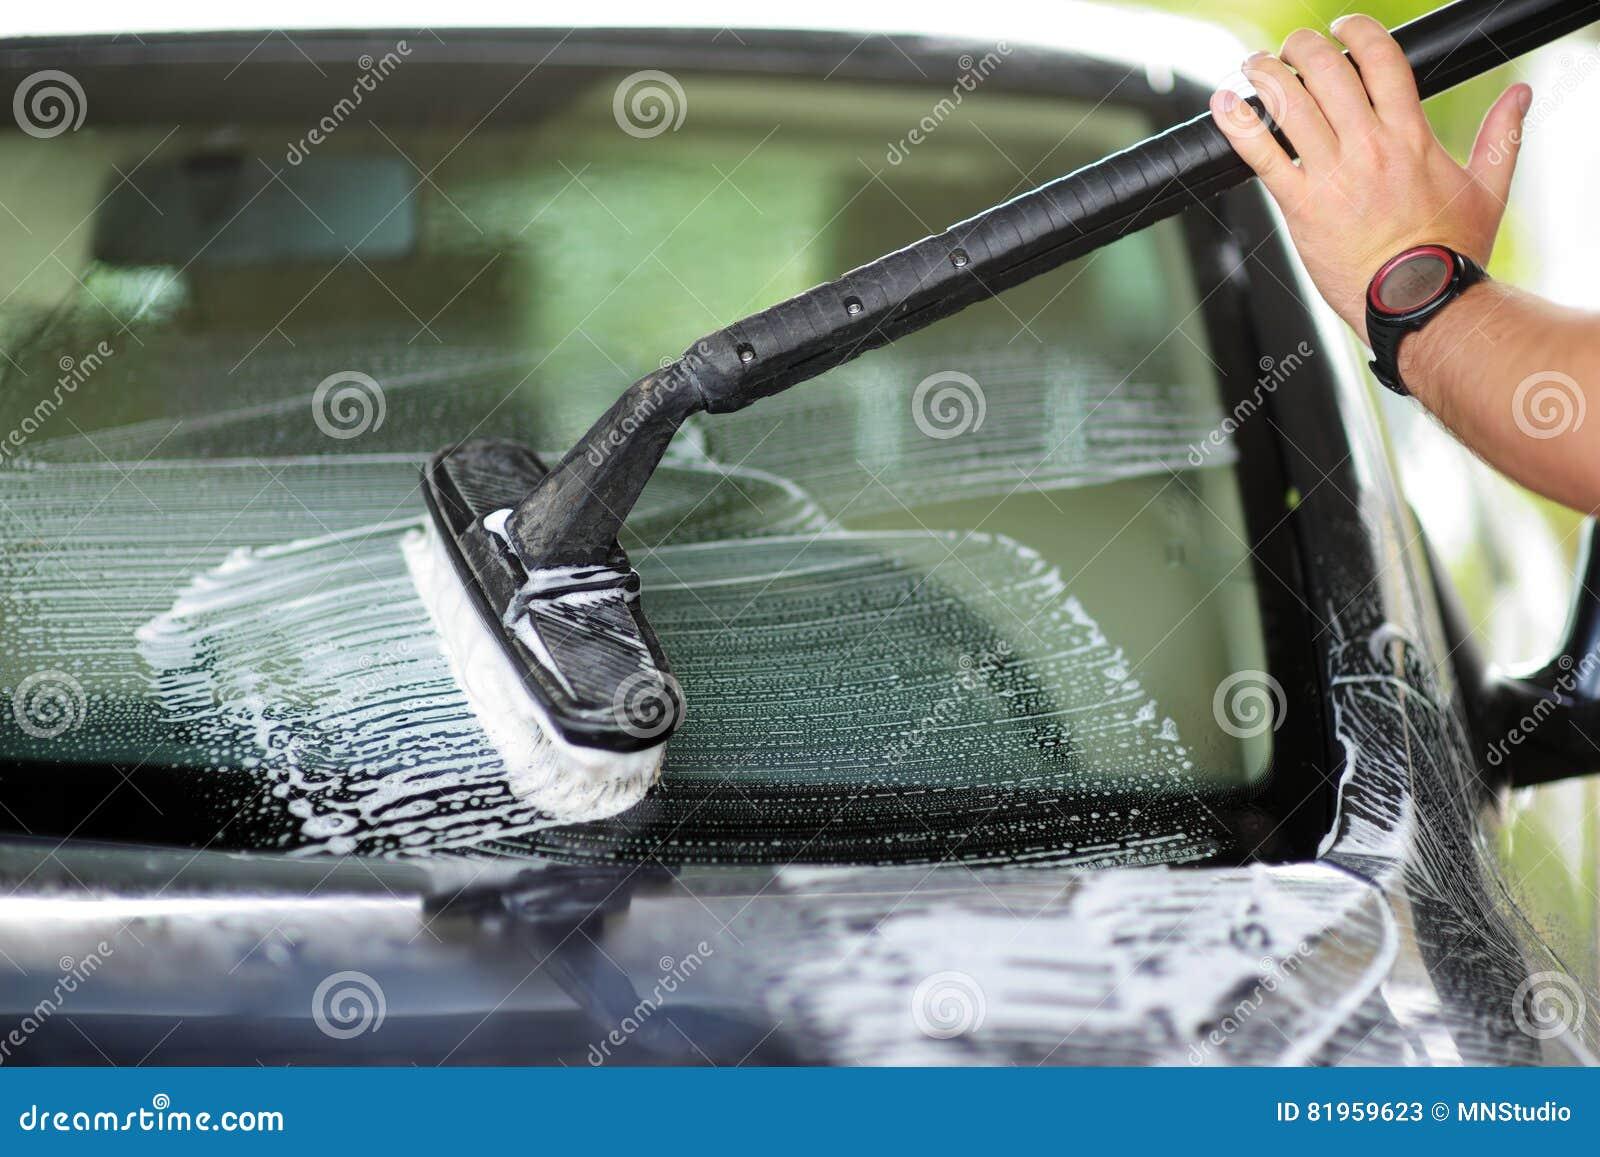 utilisant une brosse pour laver une voiture sur une installation de lavage de voiture image. Black Bedroom Furniture Sets. Home Design Ideas